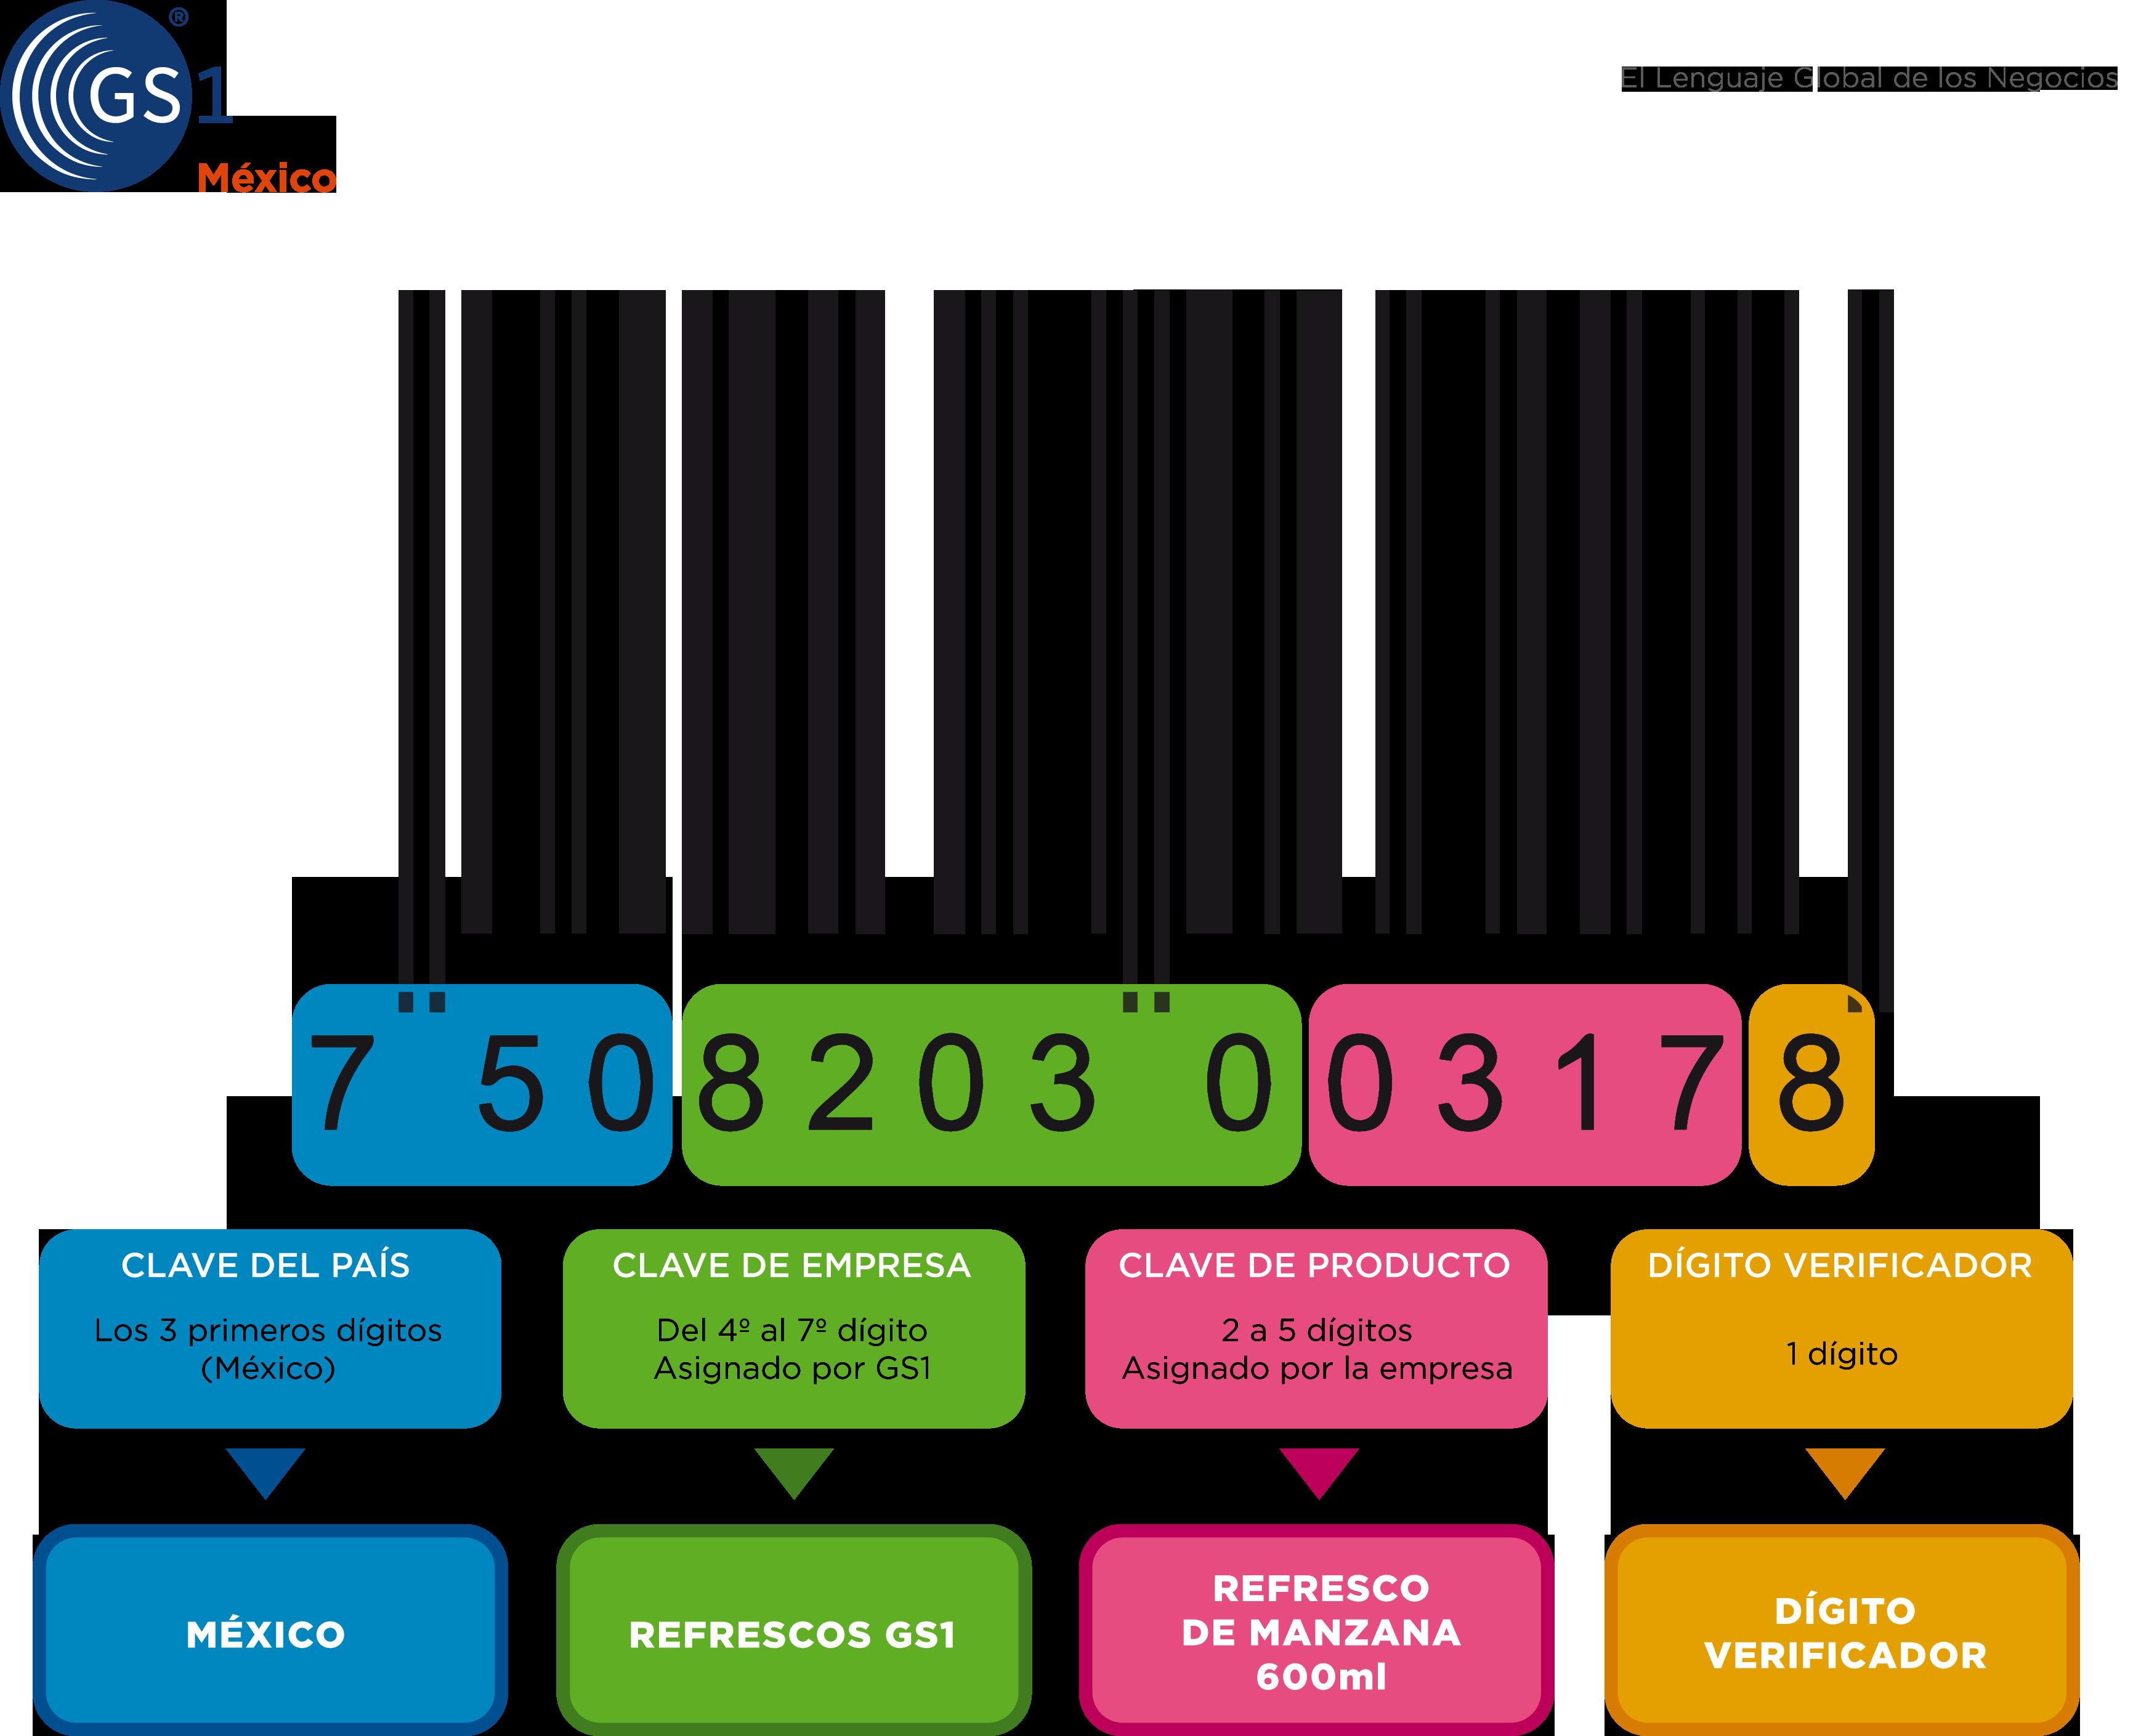 Diagrama_Codigo_de_Barras_GS1_Mexico_750.png